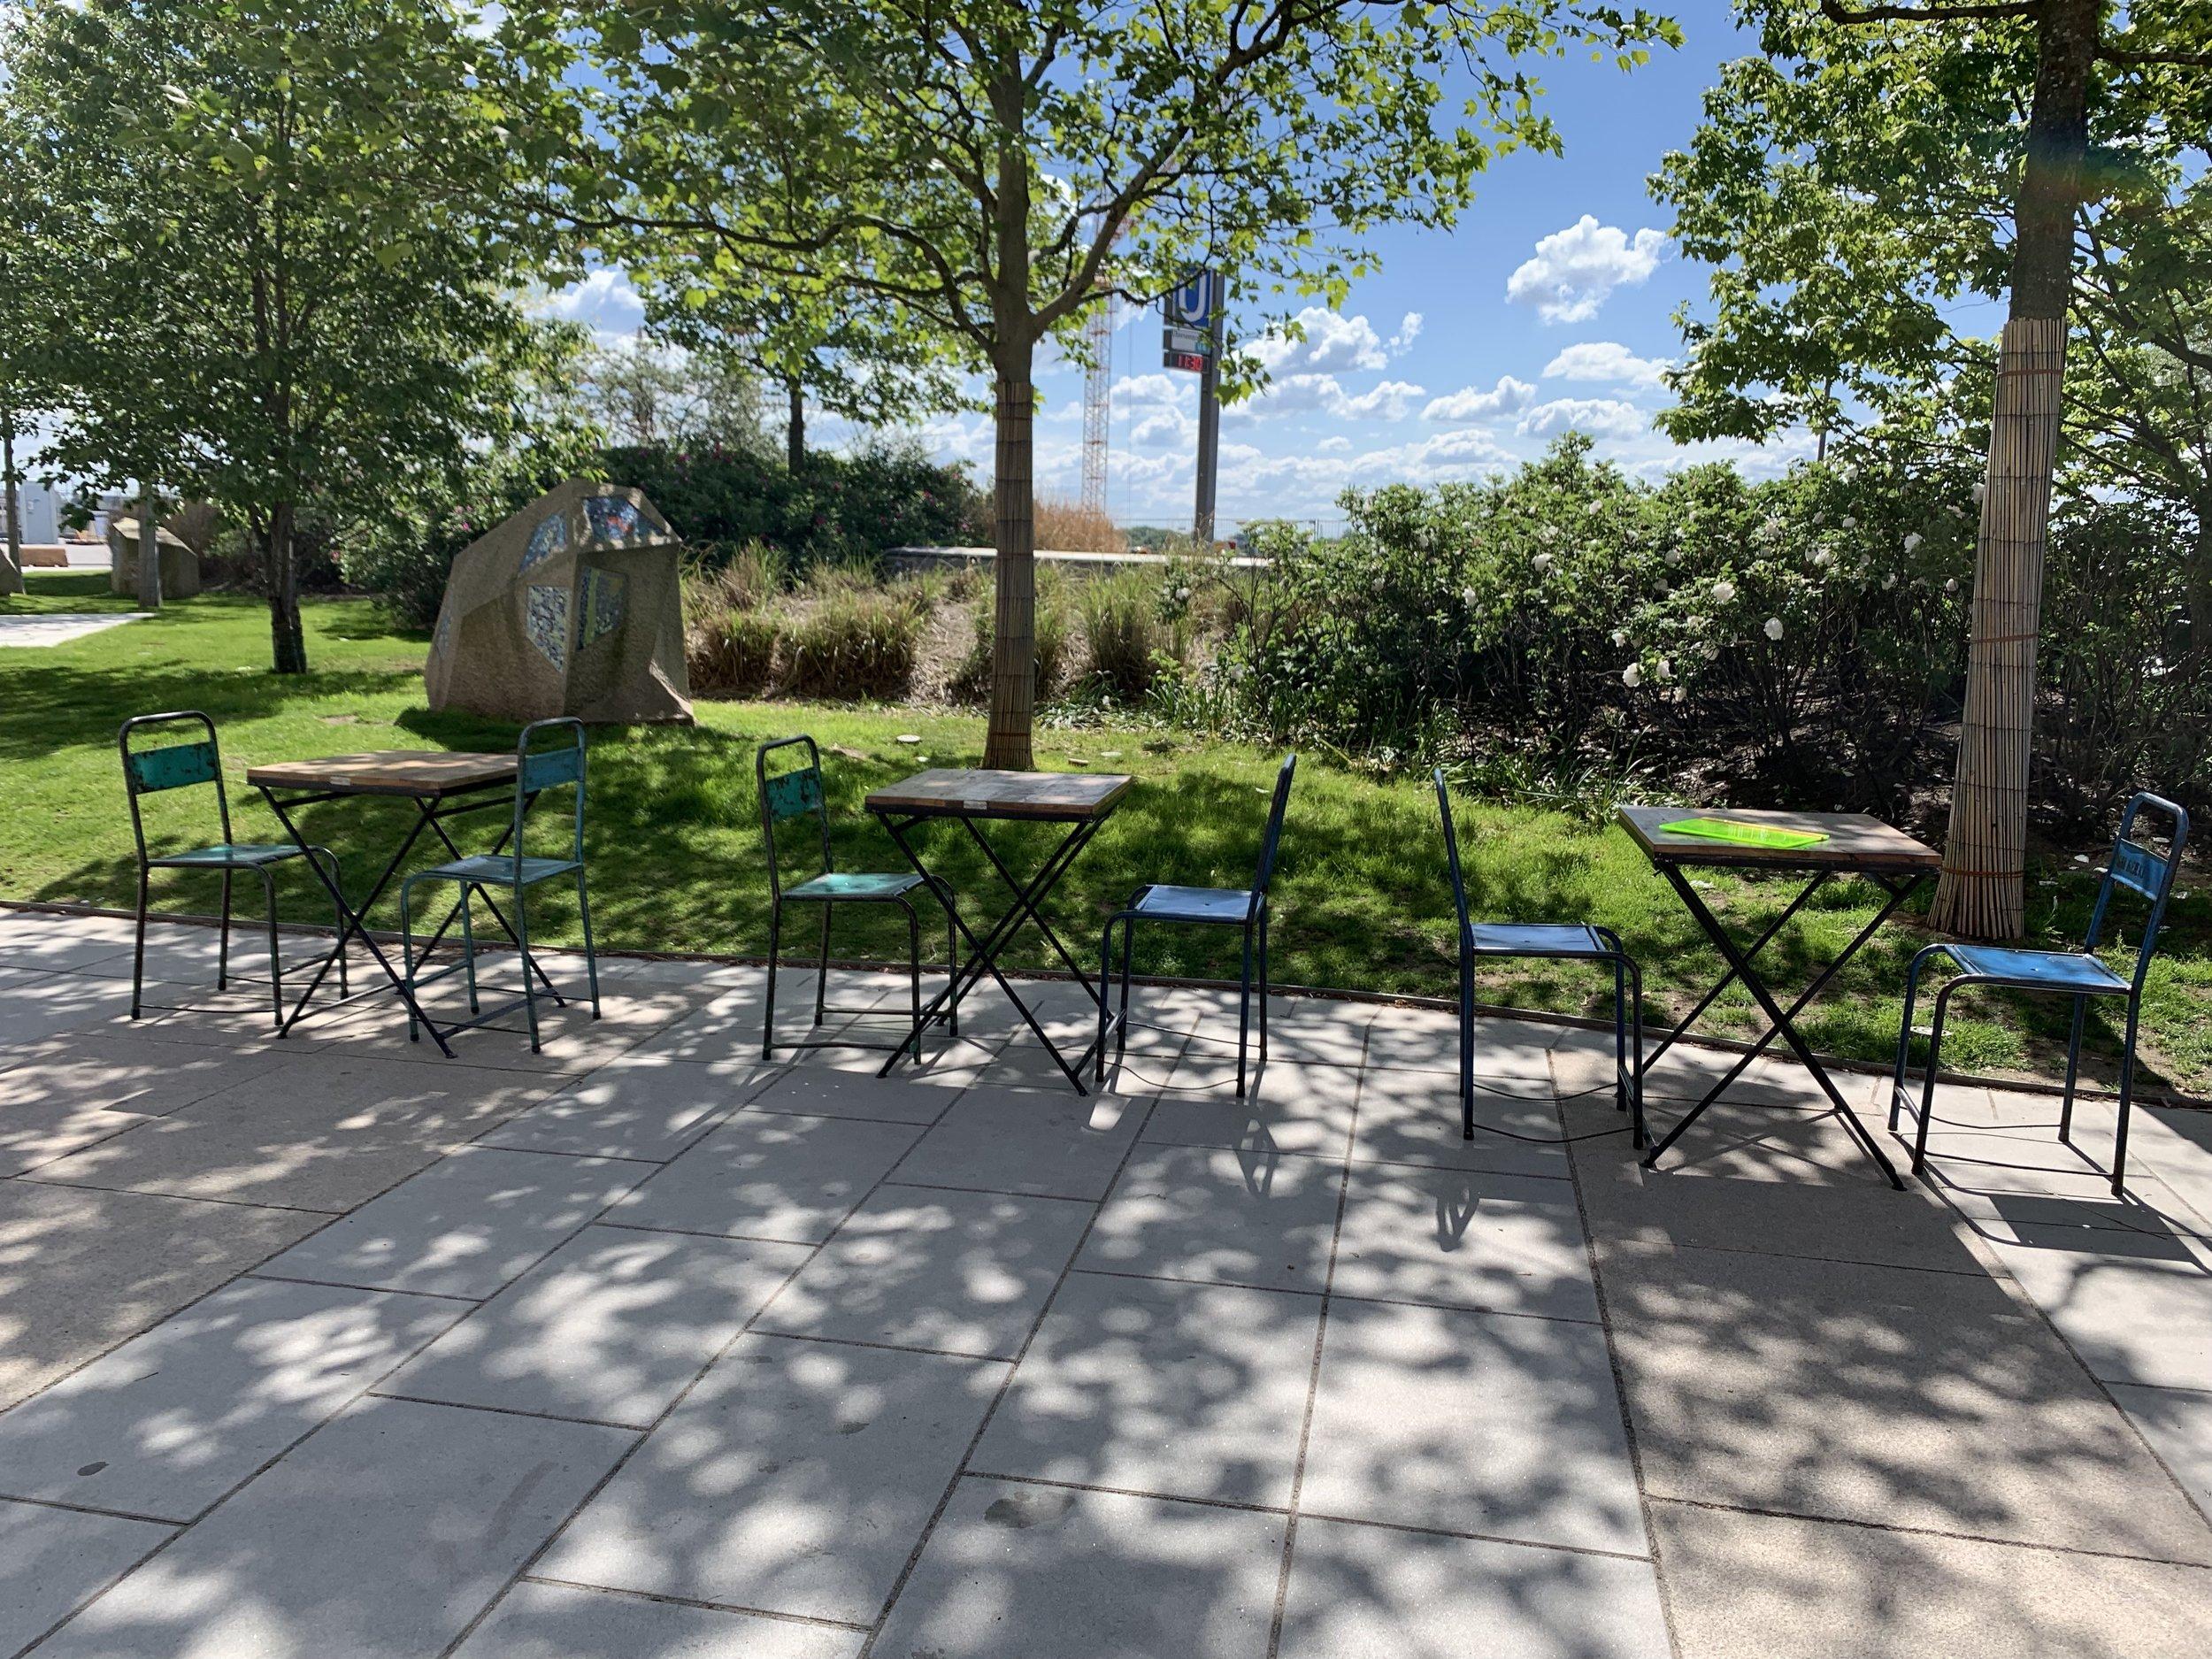 Biergarten, Tische unter Bäumen